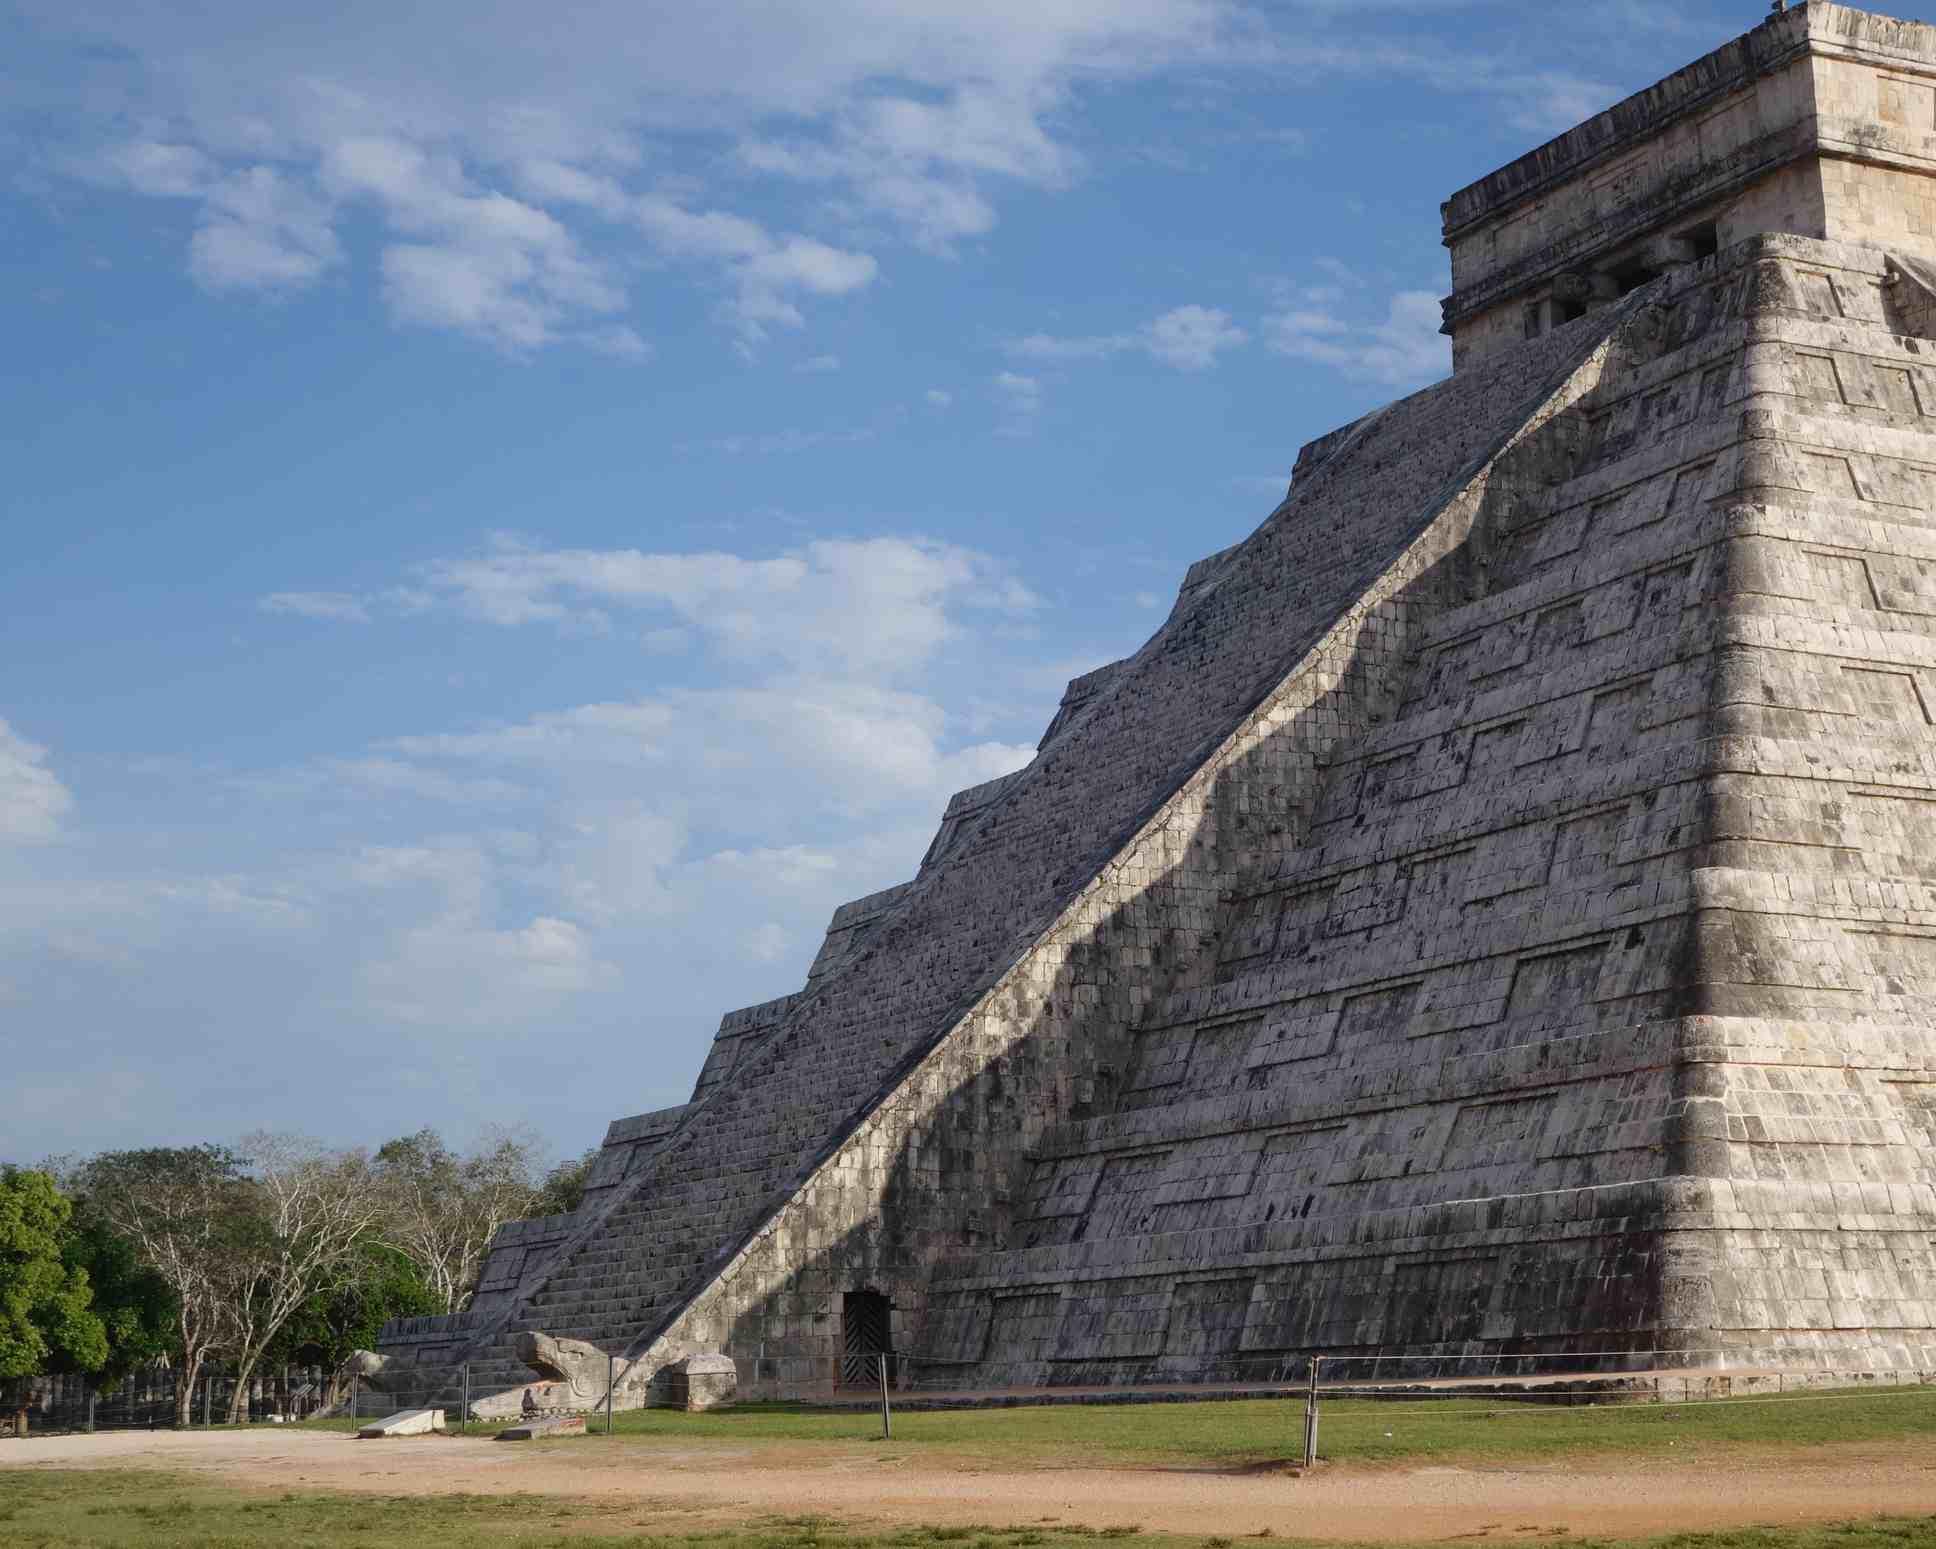 Las sombras proyectadas durante el equinoccio de primavera crean la ilusión de que una serpiente está bajando las escaleras de Chichén Itzá